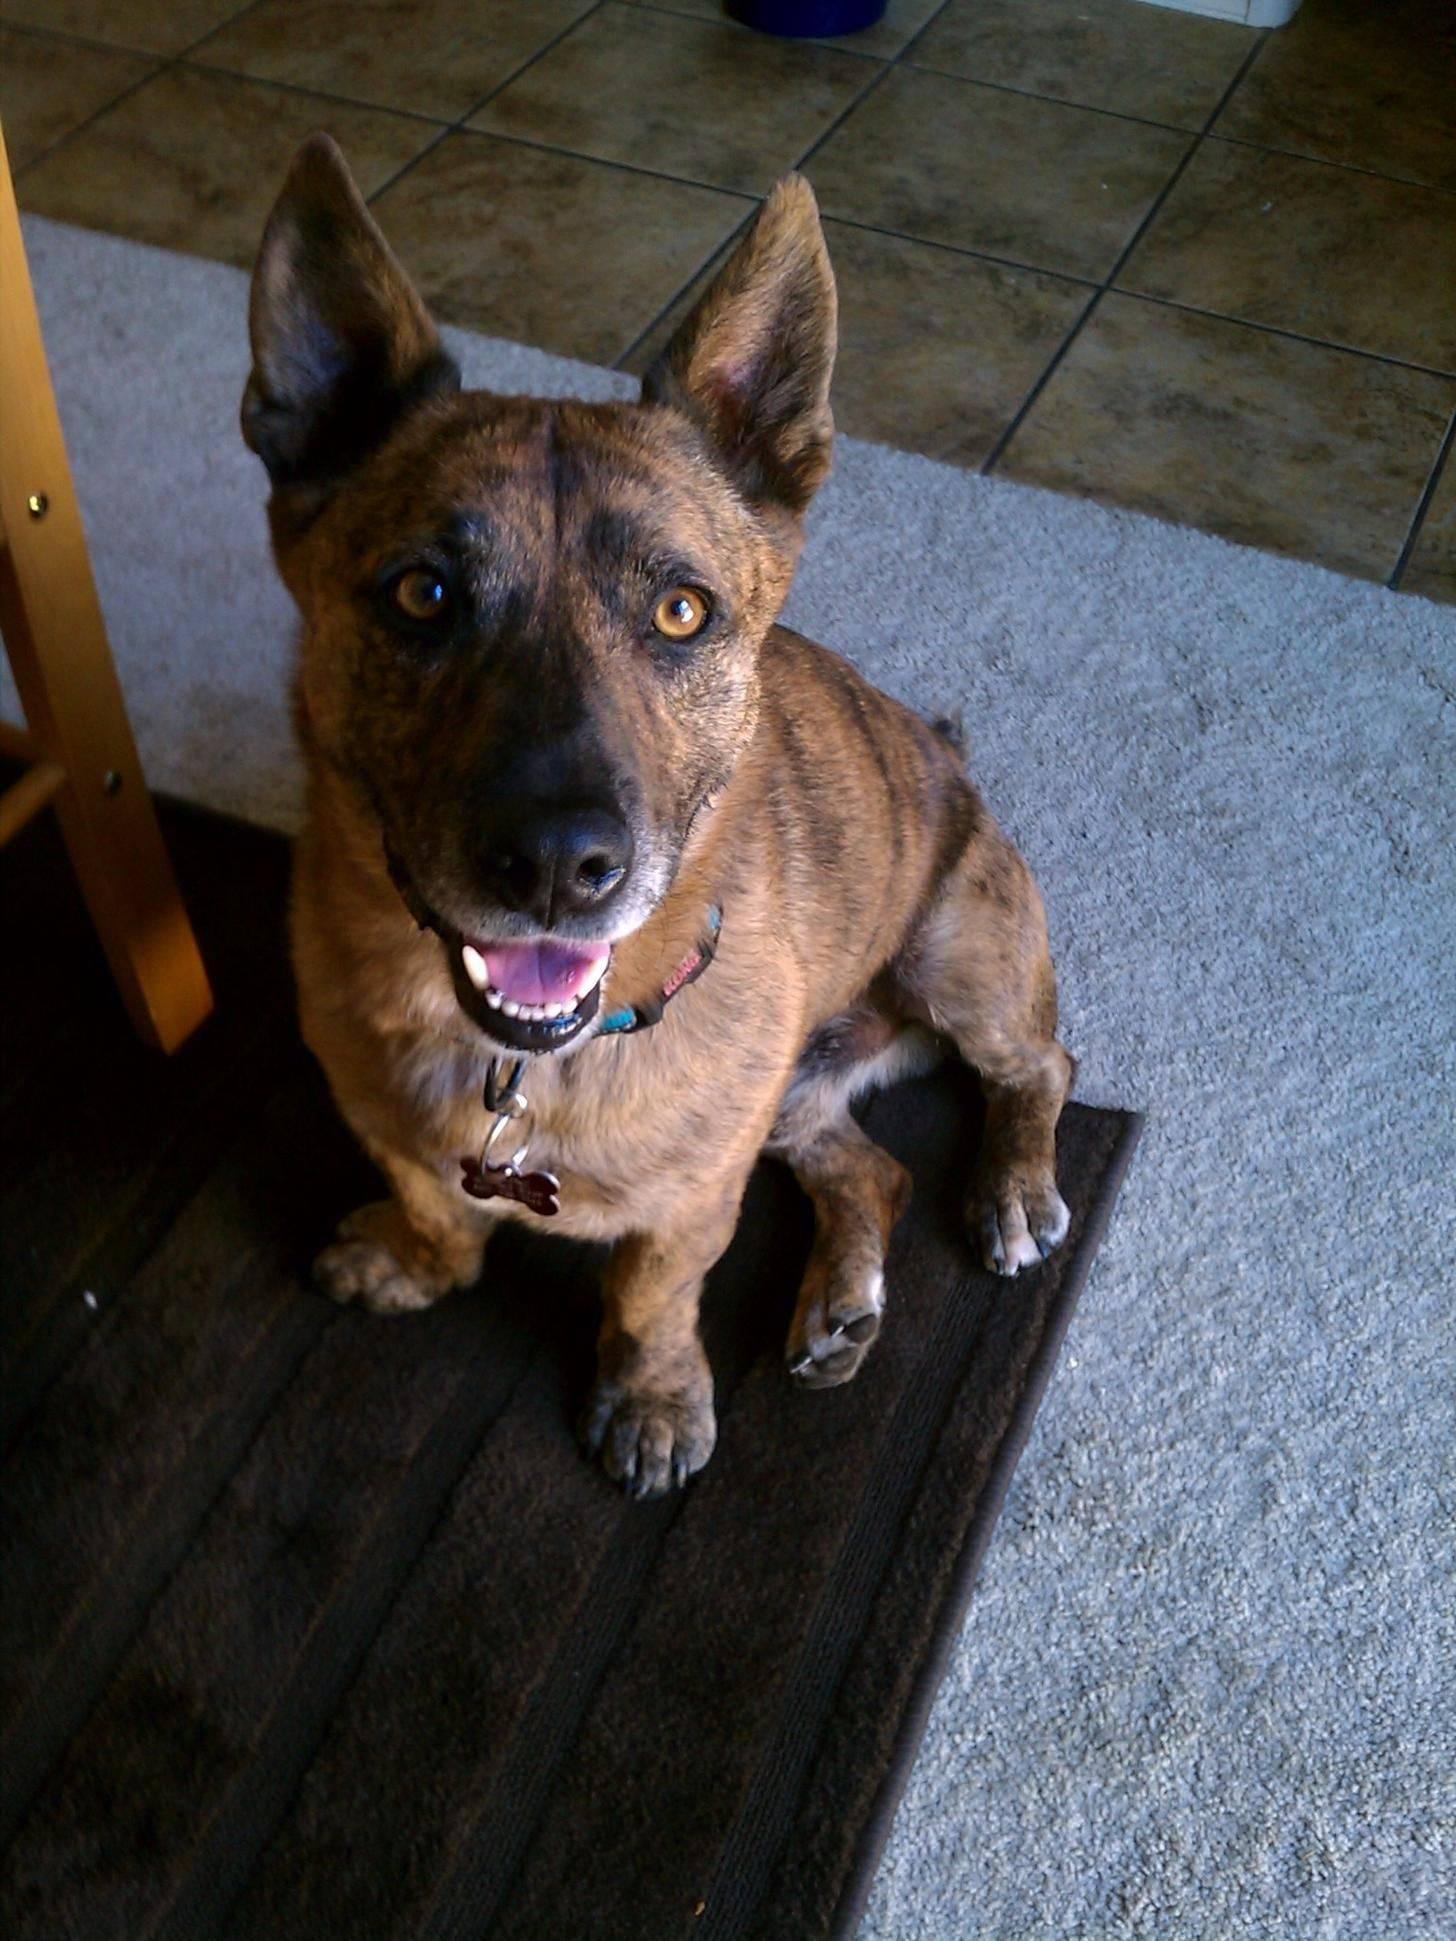 Помесь корги и хаски — жизнерадостный, добродушный пес с необычной внешностью